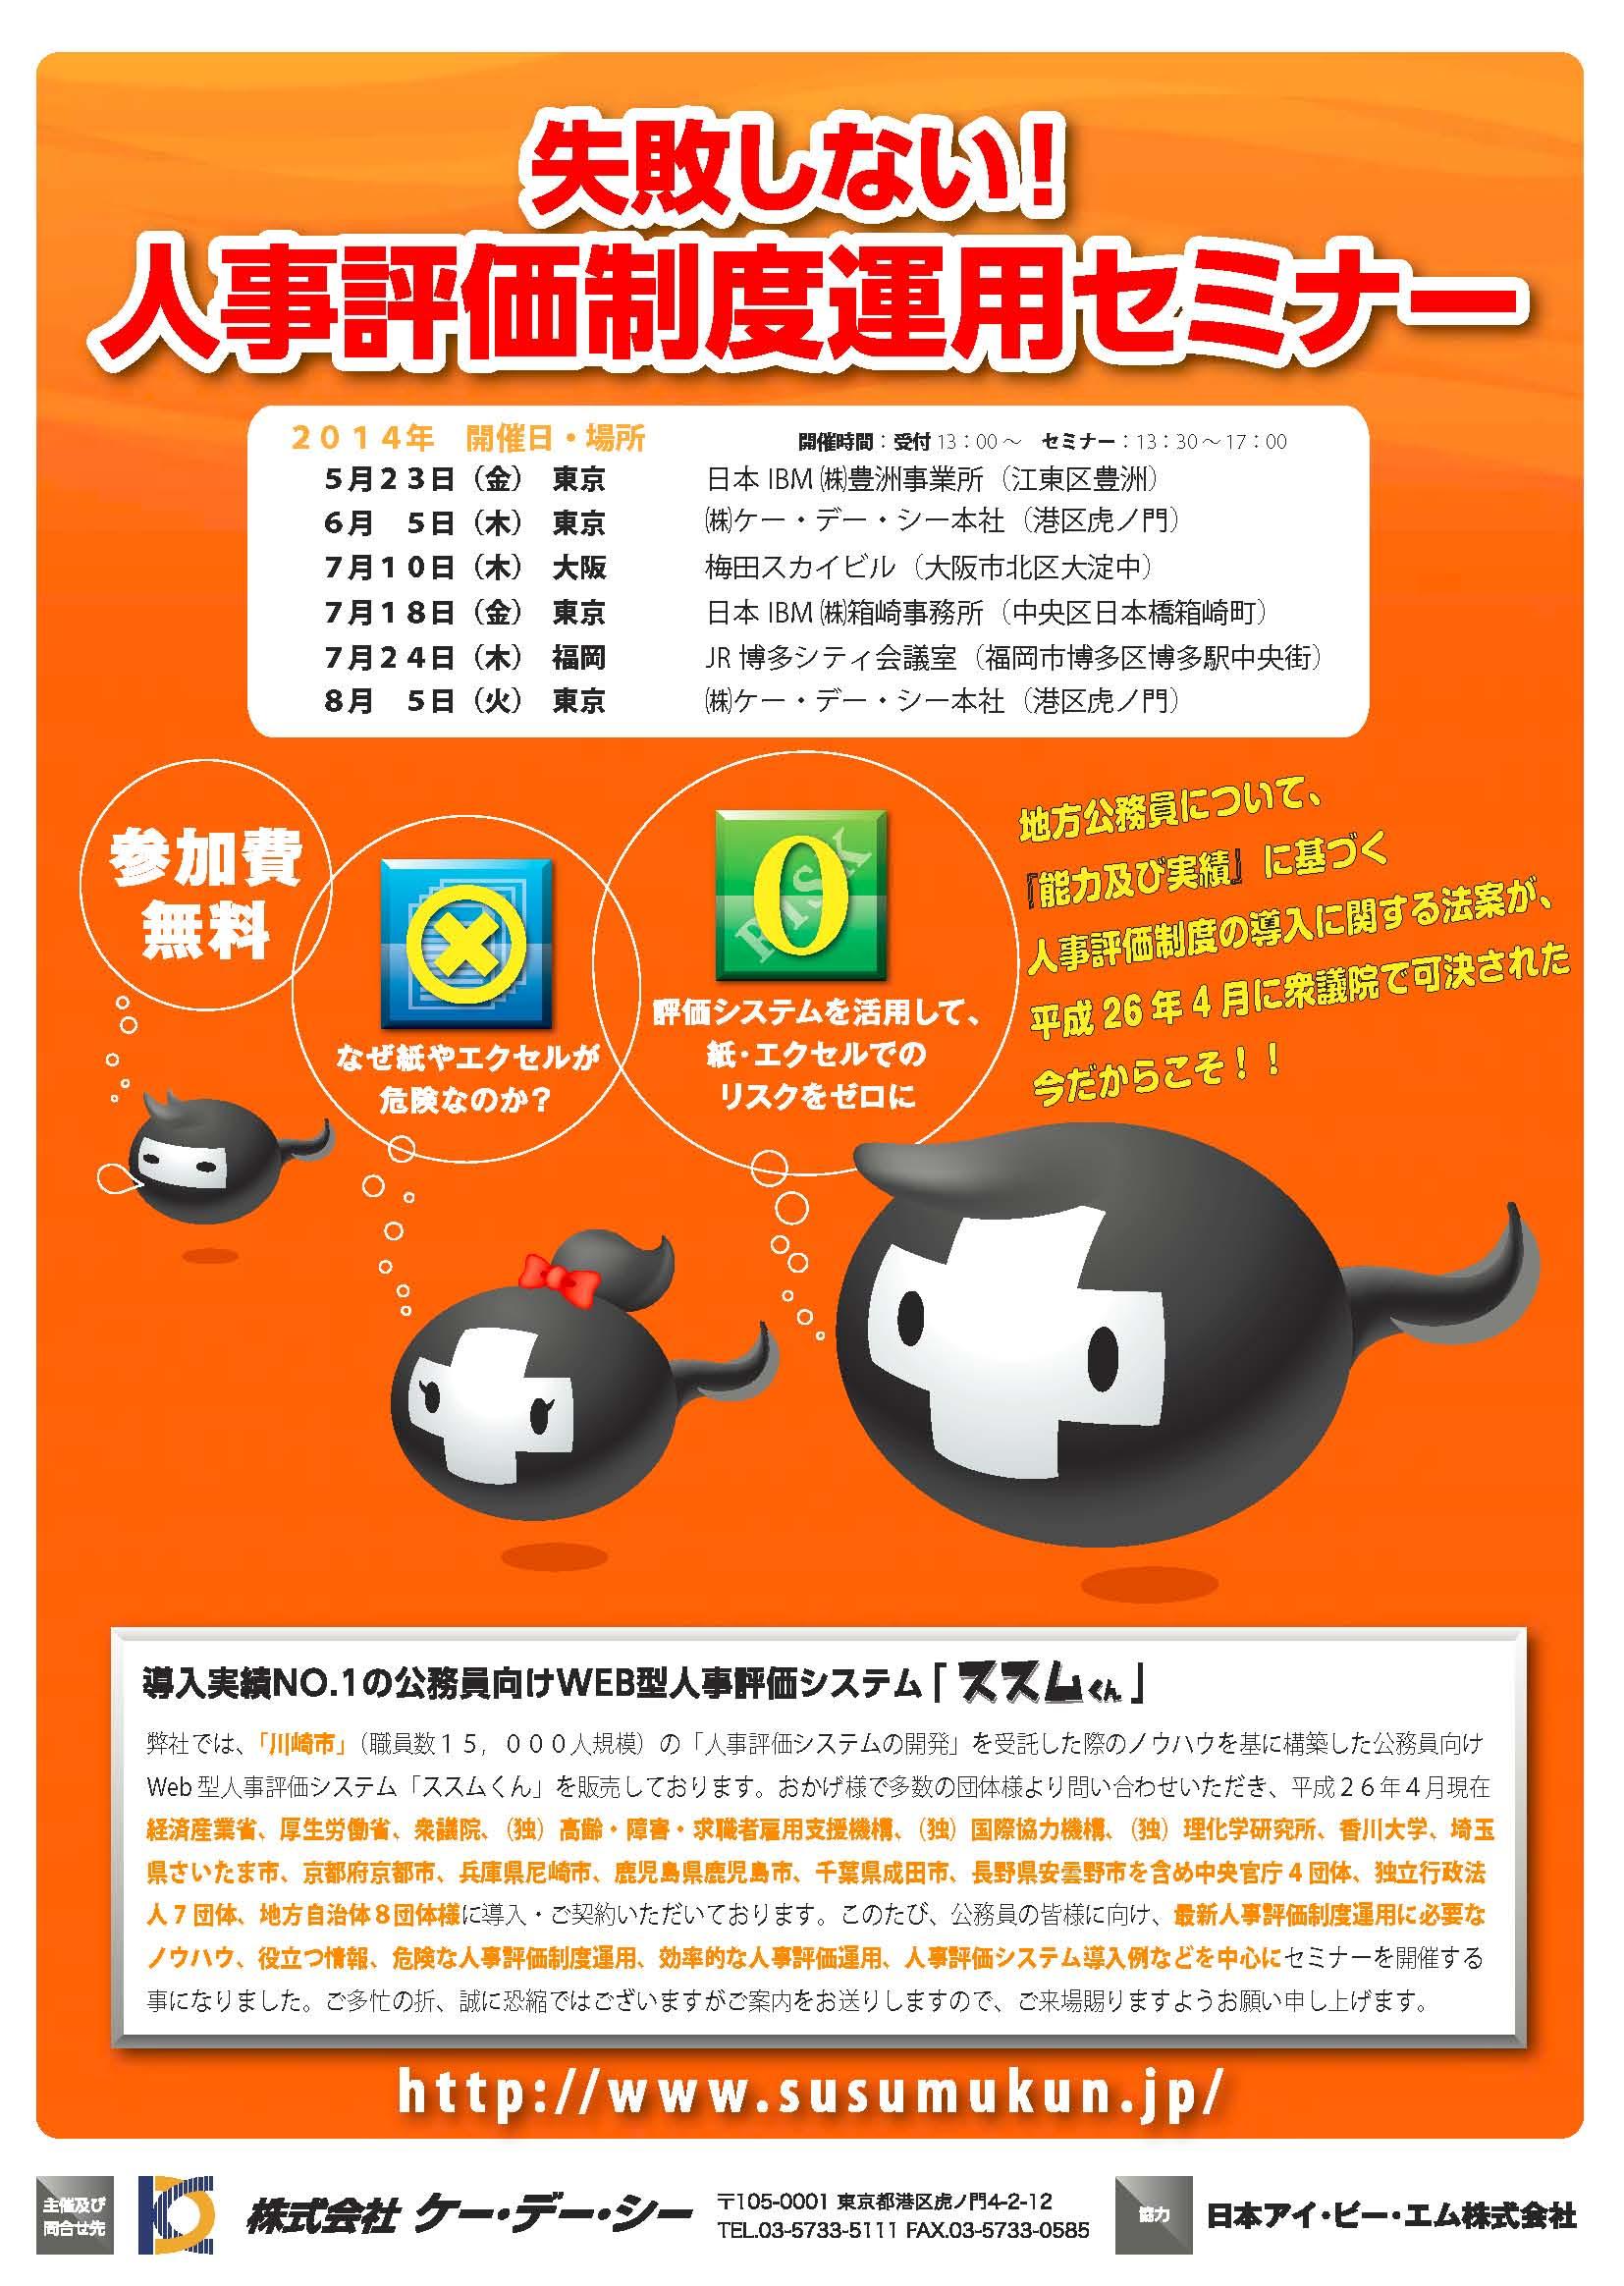 (携帯電話)(浜松市) 販売